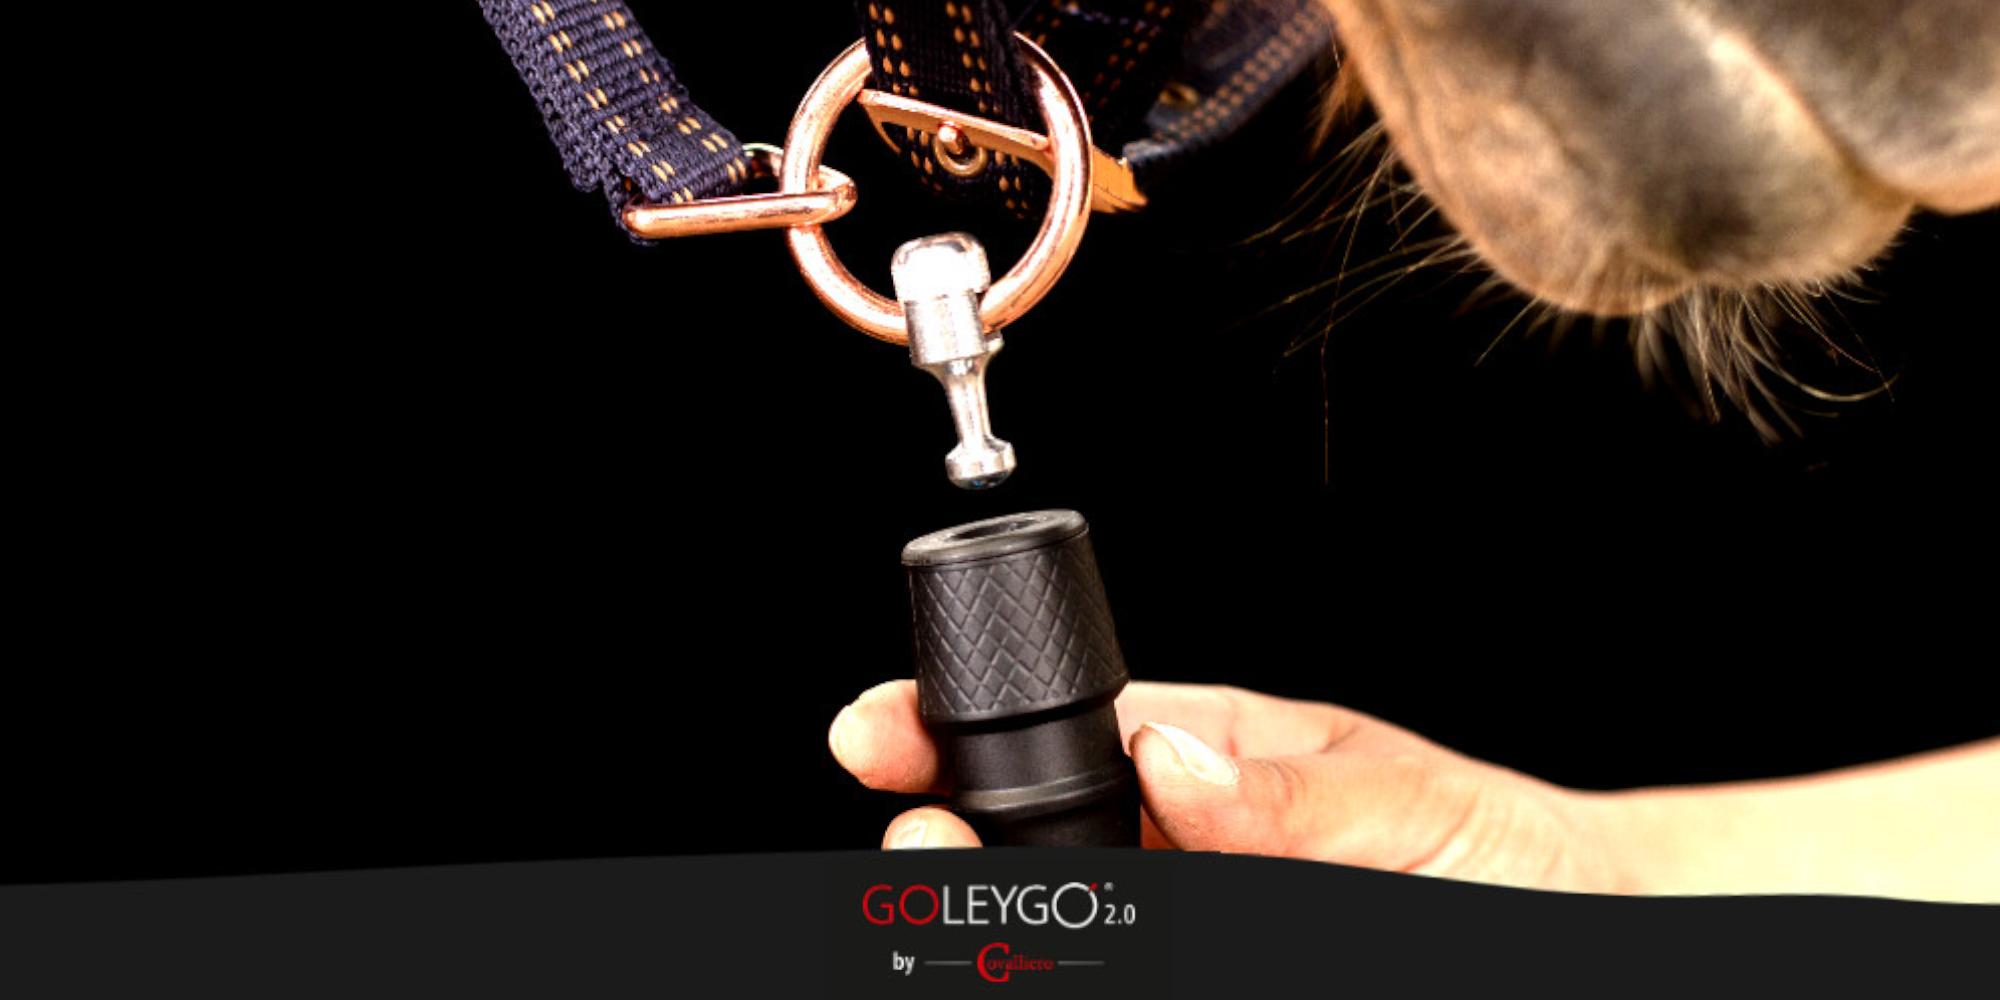 Produkttest des neuen GoLeyGo 2.0 Magnet-Verschlusssystems